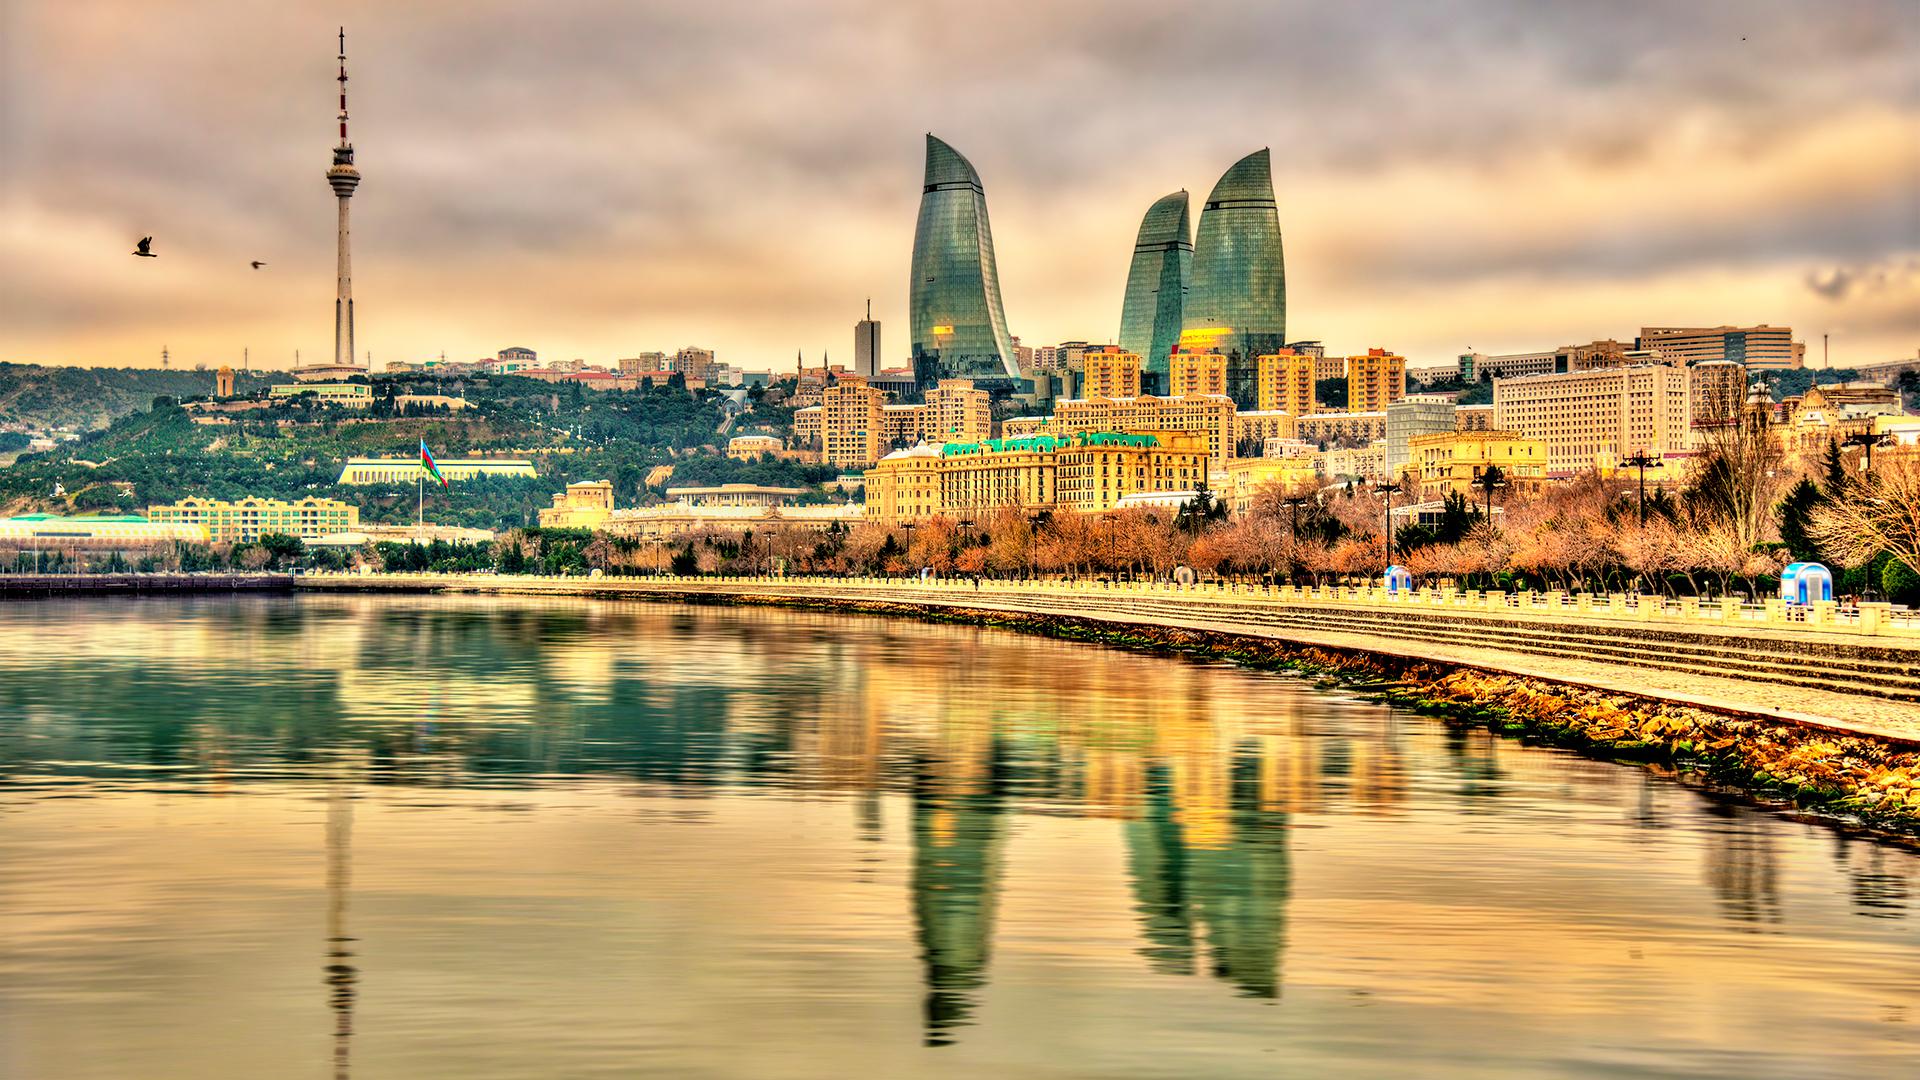 La ciudad amurallada de Bakú, que se remonta al siglo XII, es Patrimonio de la Humanidad por la UNESCO. También hay muchas actividades al aire libre, como el Parque Nacional Absheron y volcanes de lodo